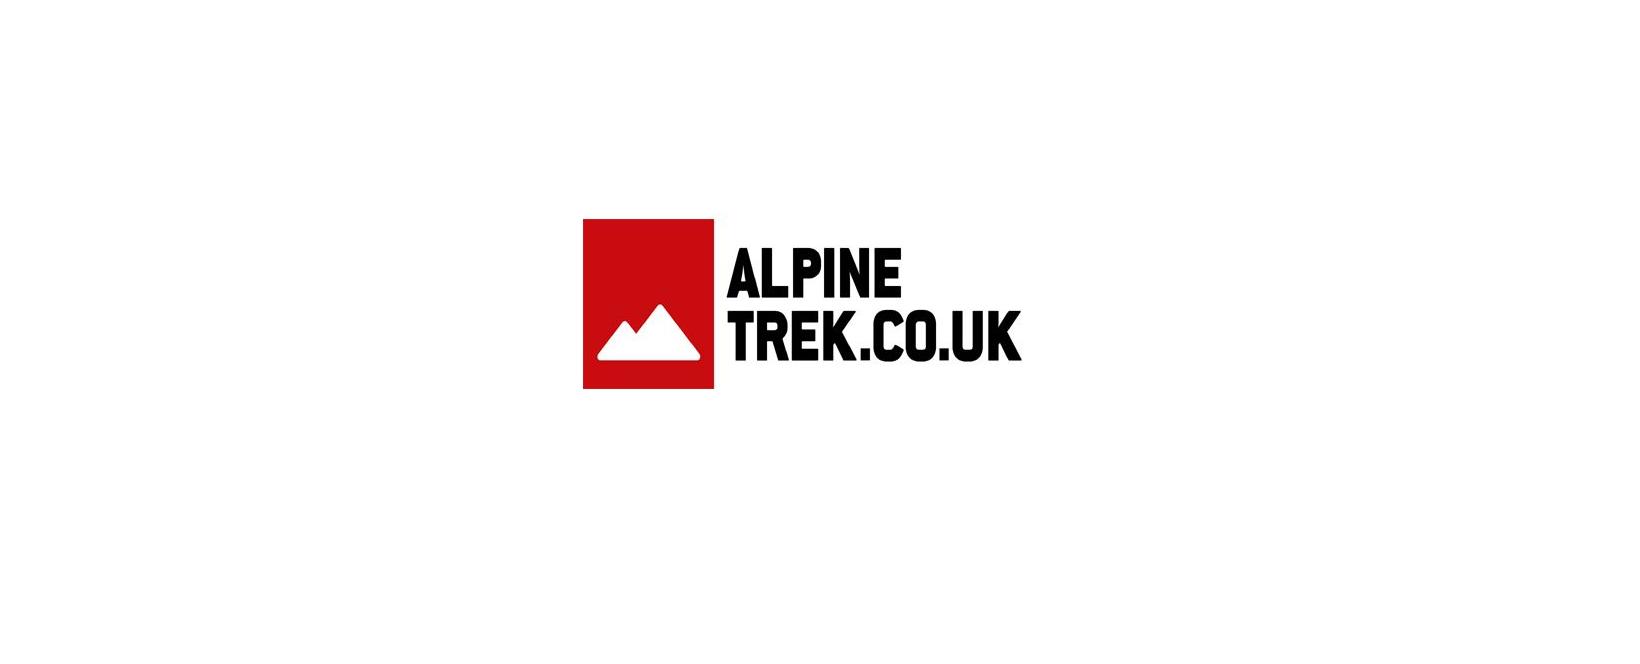 Alpinetrek UK Discount Code 2021